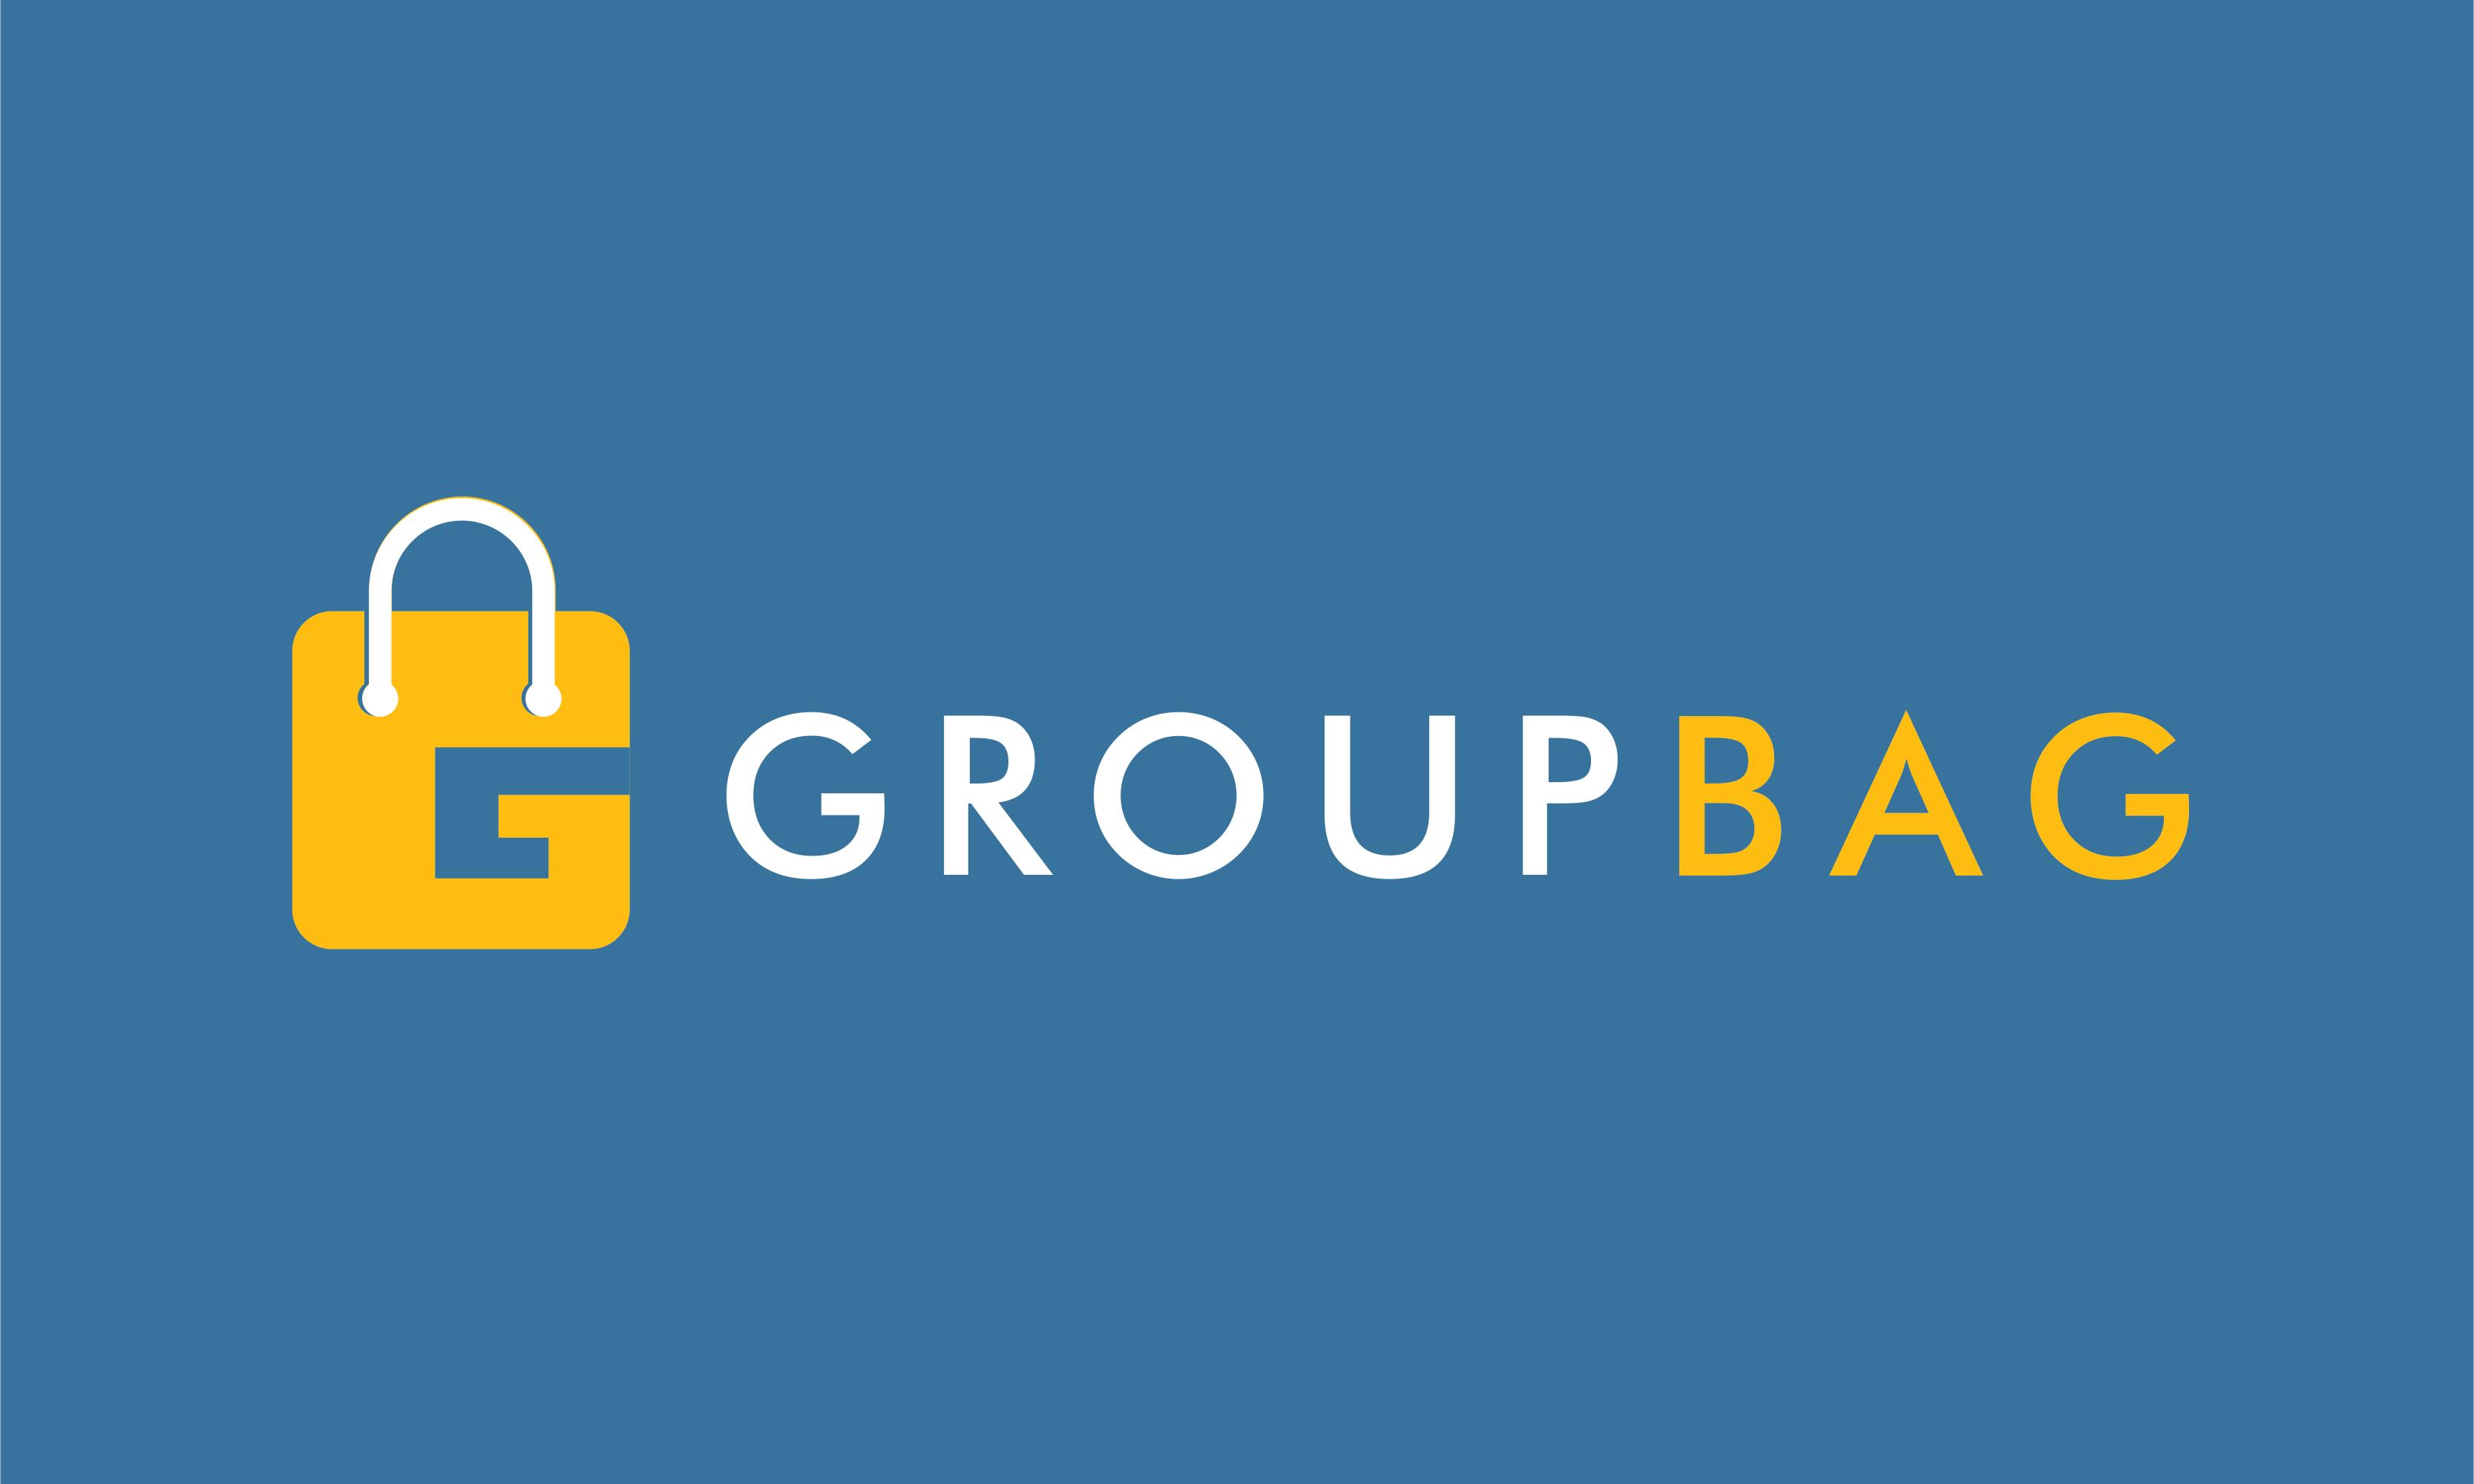 Groupbag